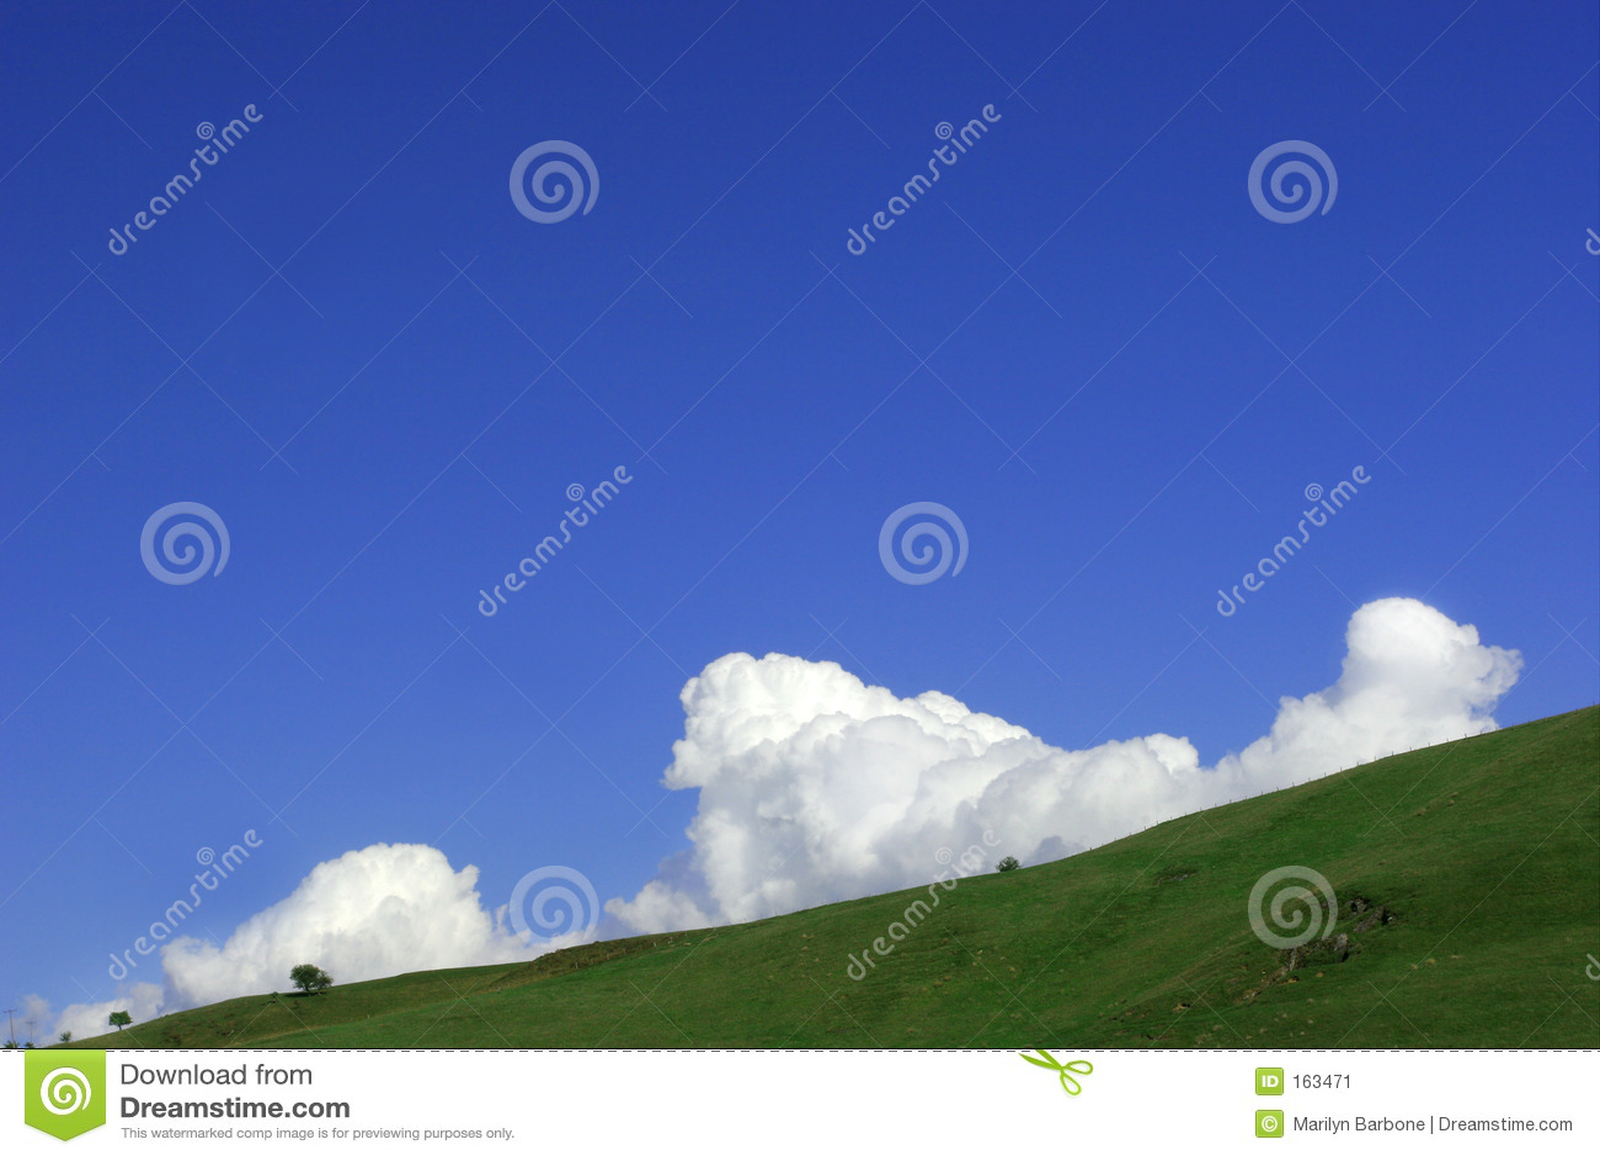 Cumulus Clouds Rising